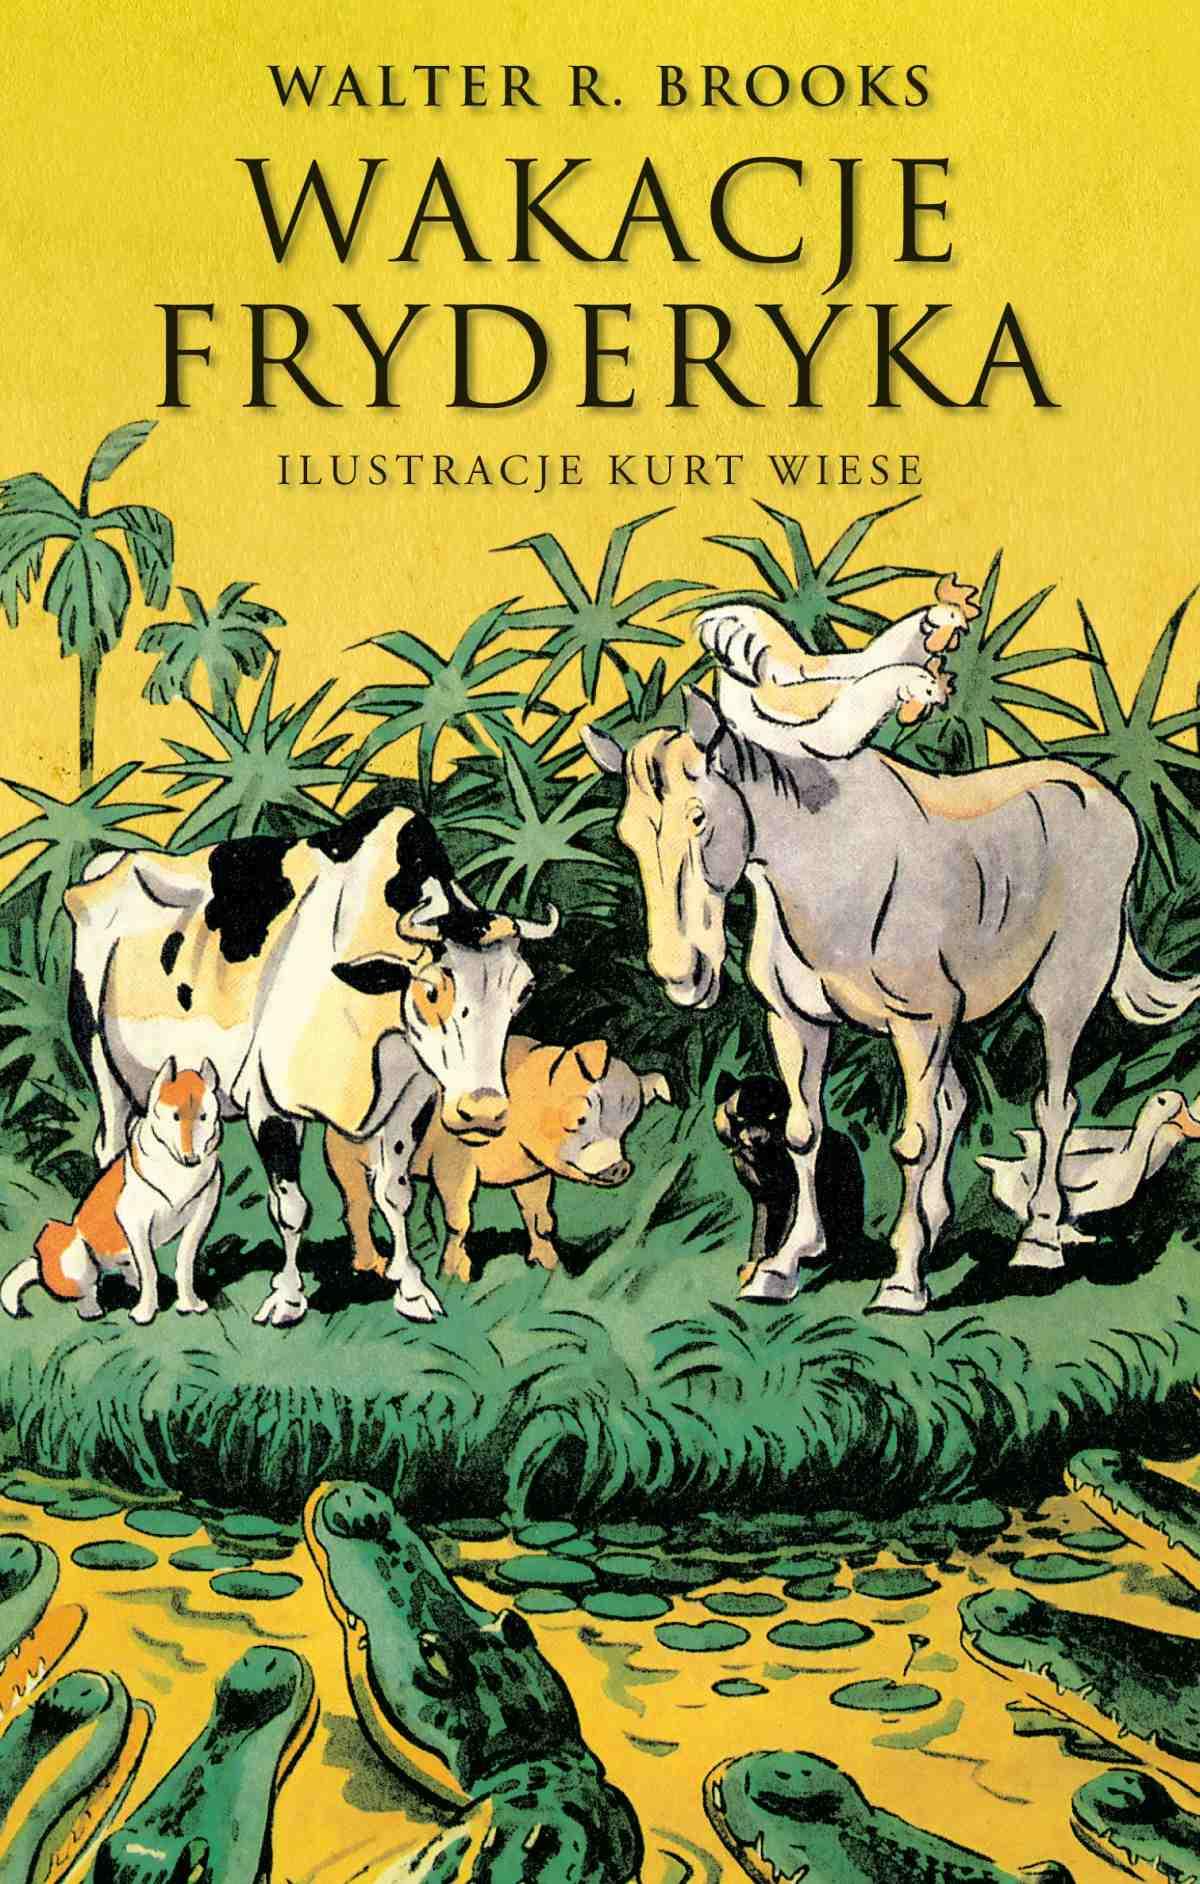 Wakacje Fryderyka - Ebook (Książka EPUB) do pobrania w formacie EPUB